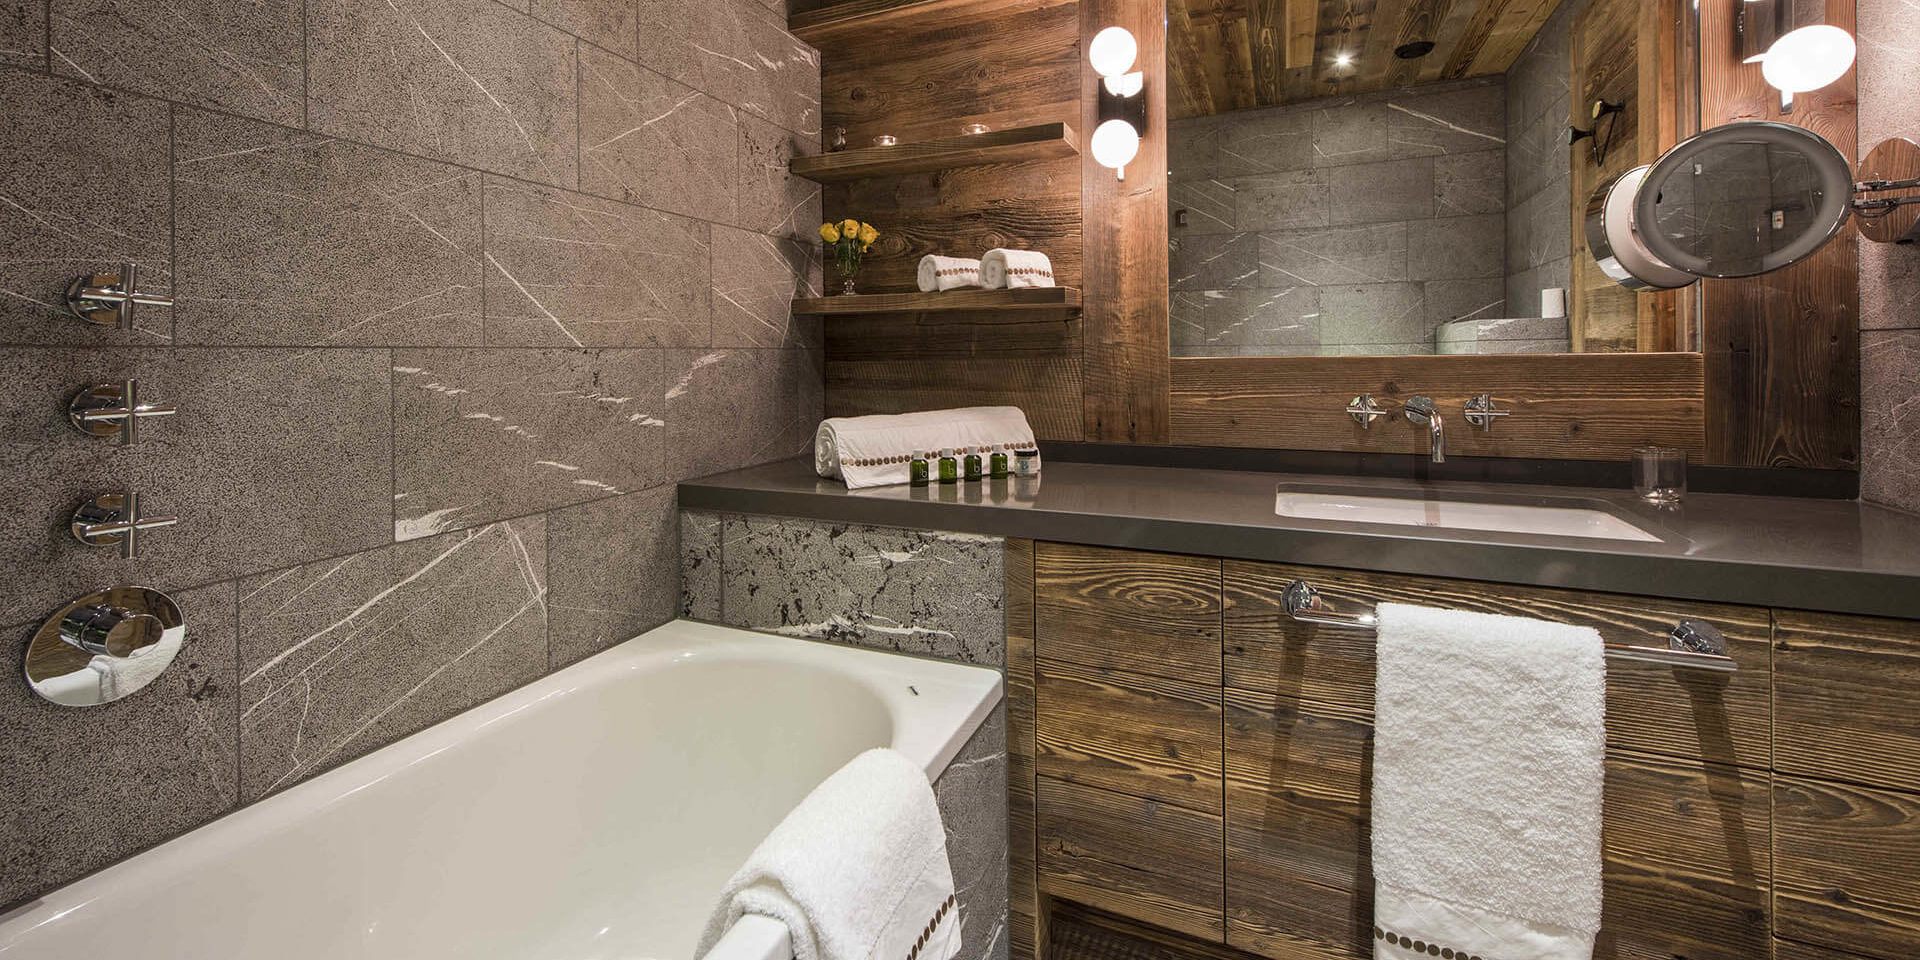 Appartement Place Blanche Verbier Les 4 Vallees Zwitserland wintersport skivakantie luxe badkamer bad wastafel spiegel handdoeken rozen badproducten